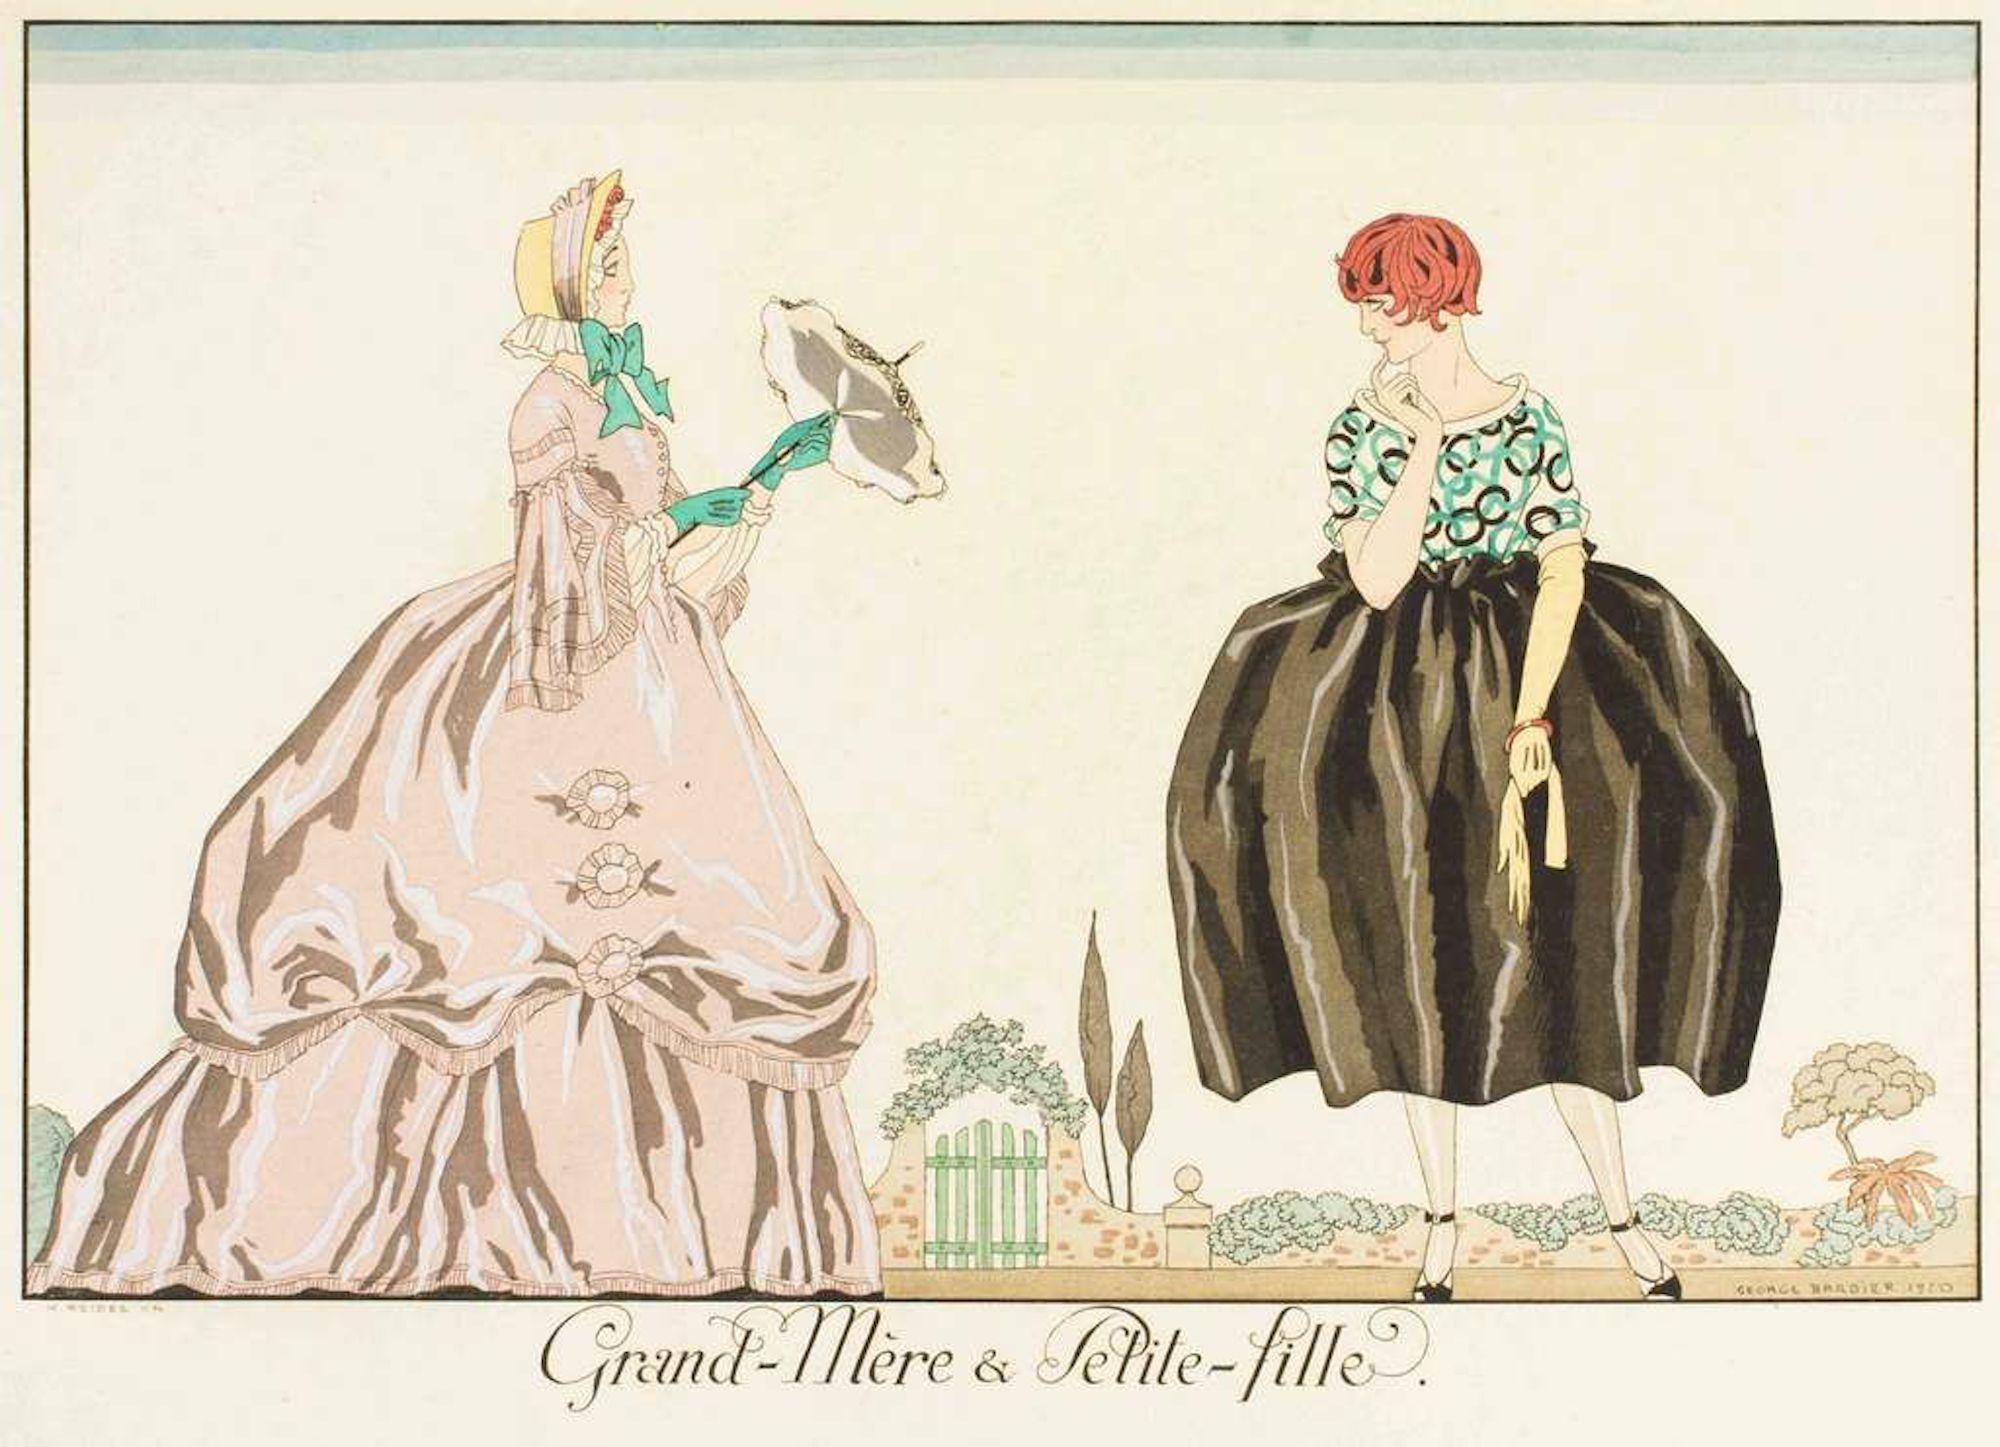 Grand-mere et Petite-fille - Original Pochoir by G. Barbier - 1920